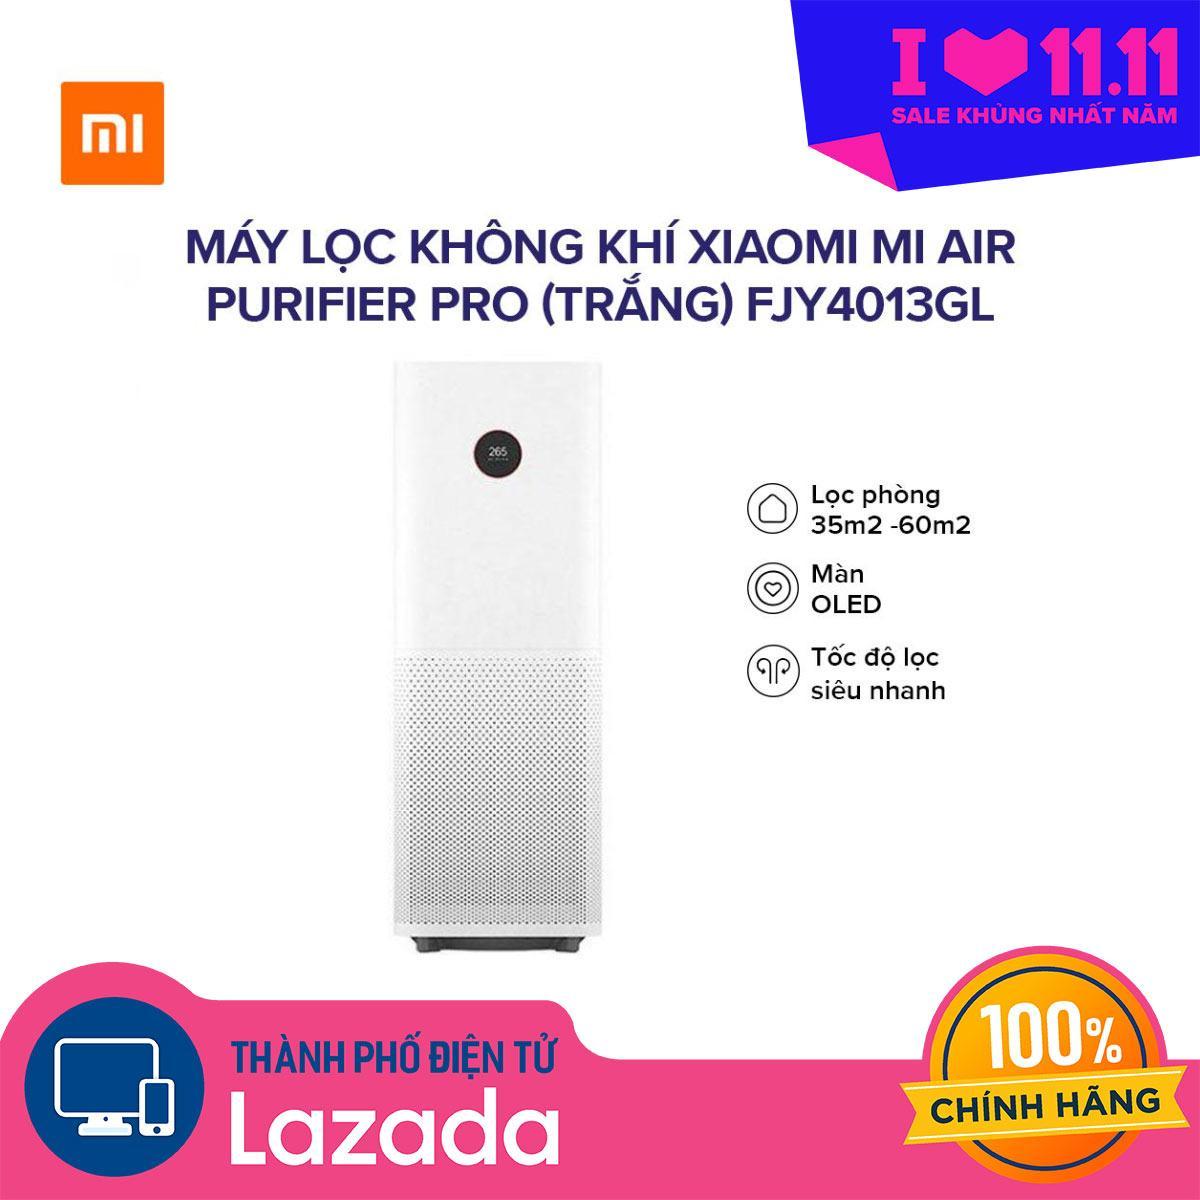 Máy lọc không khí Xiaomi Pro Mi Air Purifier (Trắng) FJY4013GL - Bộ lọc than hoạt tính loại bỏ mùi hôi và chất độc hại